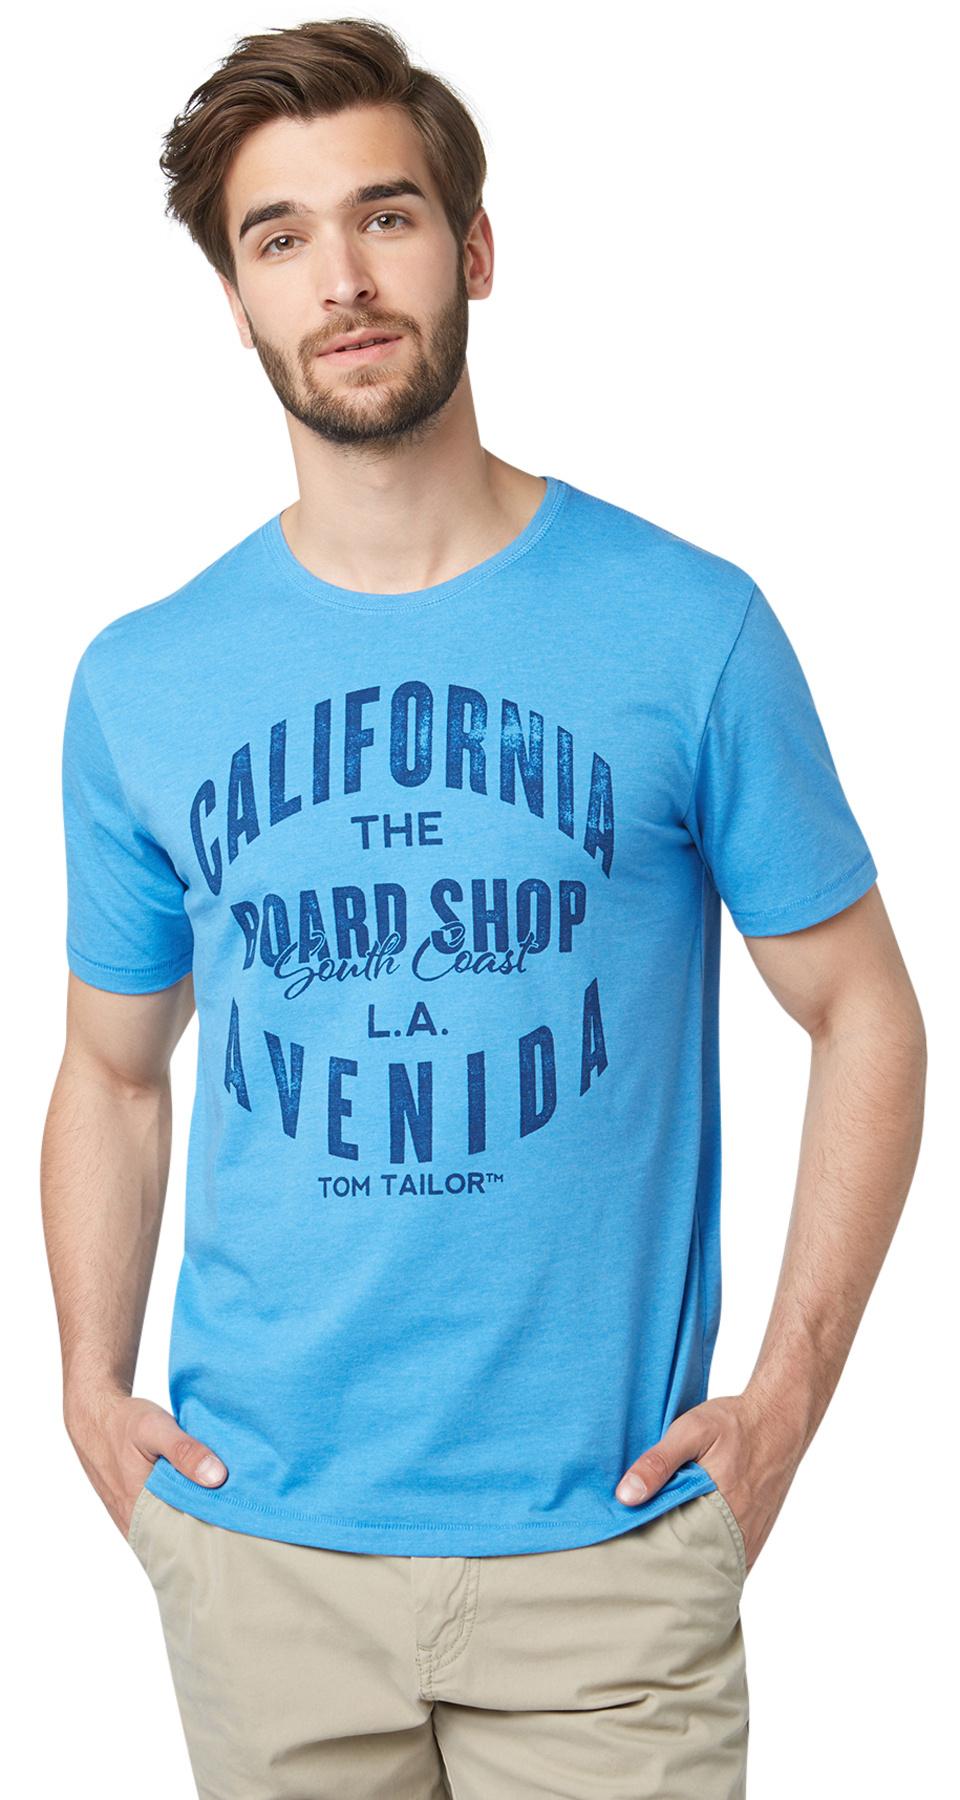 Tom Tailor pánské triko 10347880010/6673 Modrá XXL